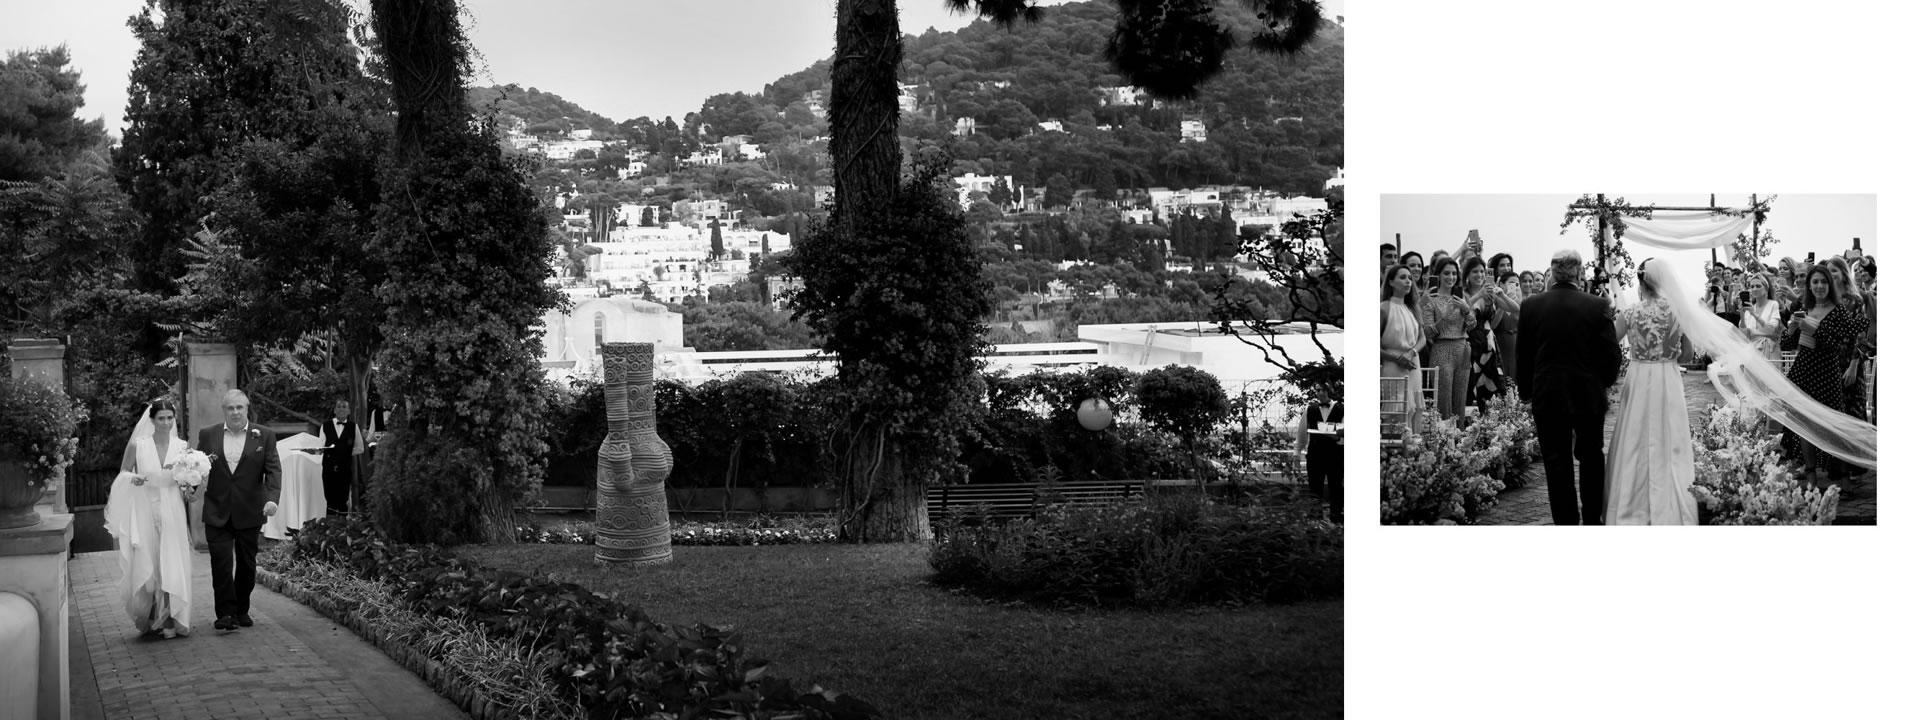 - 31 :: Jewish luxury wedding weekend in Capri :: Luxury wedding photography - 30 ::  - 31